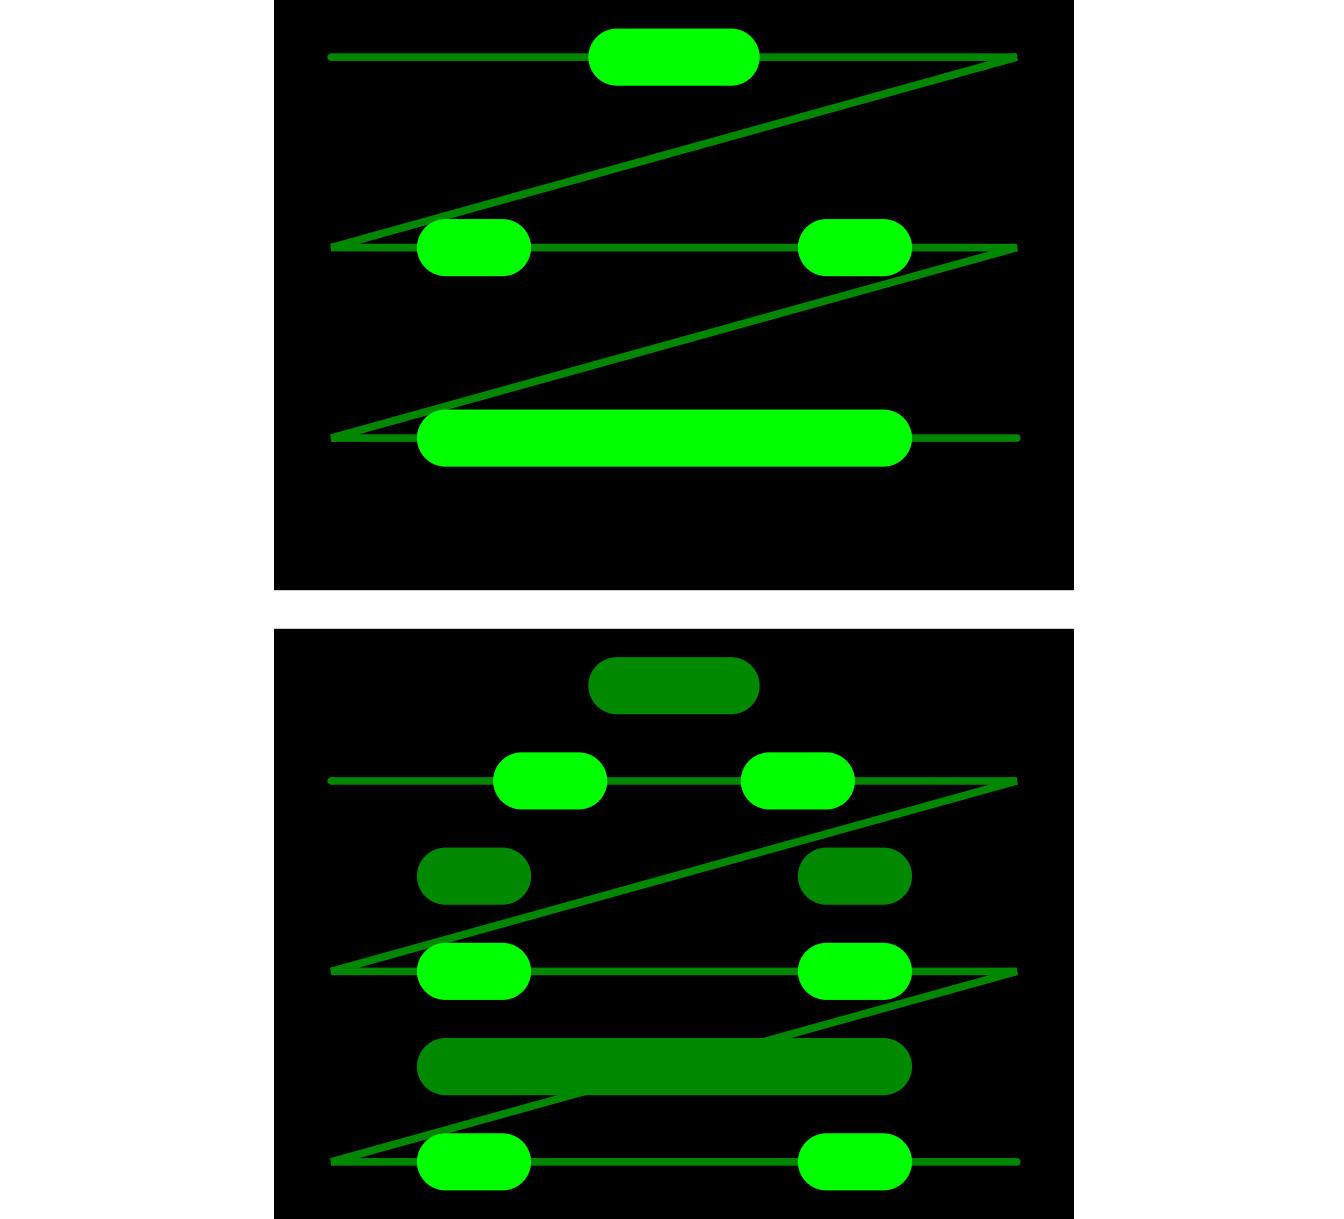 Ход луча электронно-лучевой трубки в строчной развёртке. Фото © Wikipedia